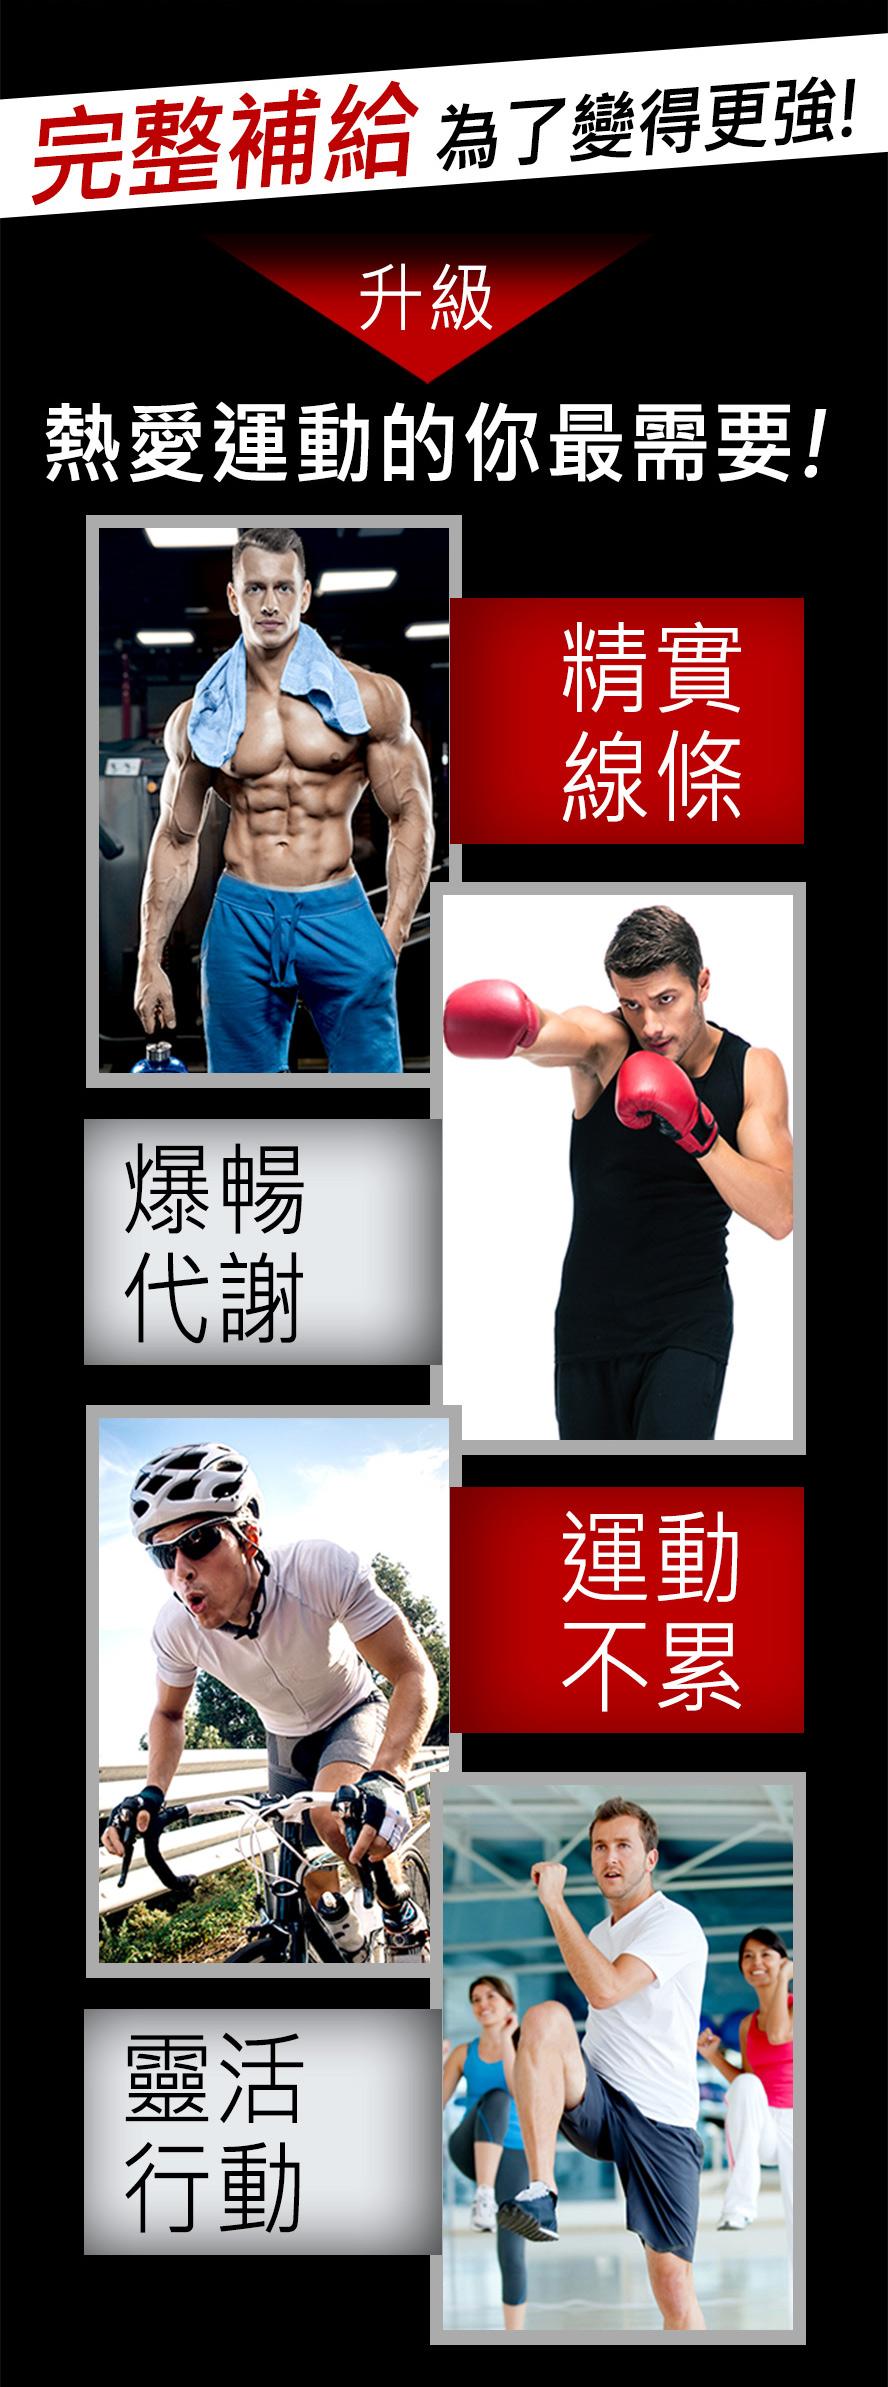 推荐给喜欢打球,上健身房或爱好有氧运动及跑步者,UNIQMAN运动组能有效提升运动表现